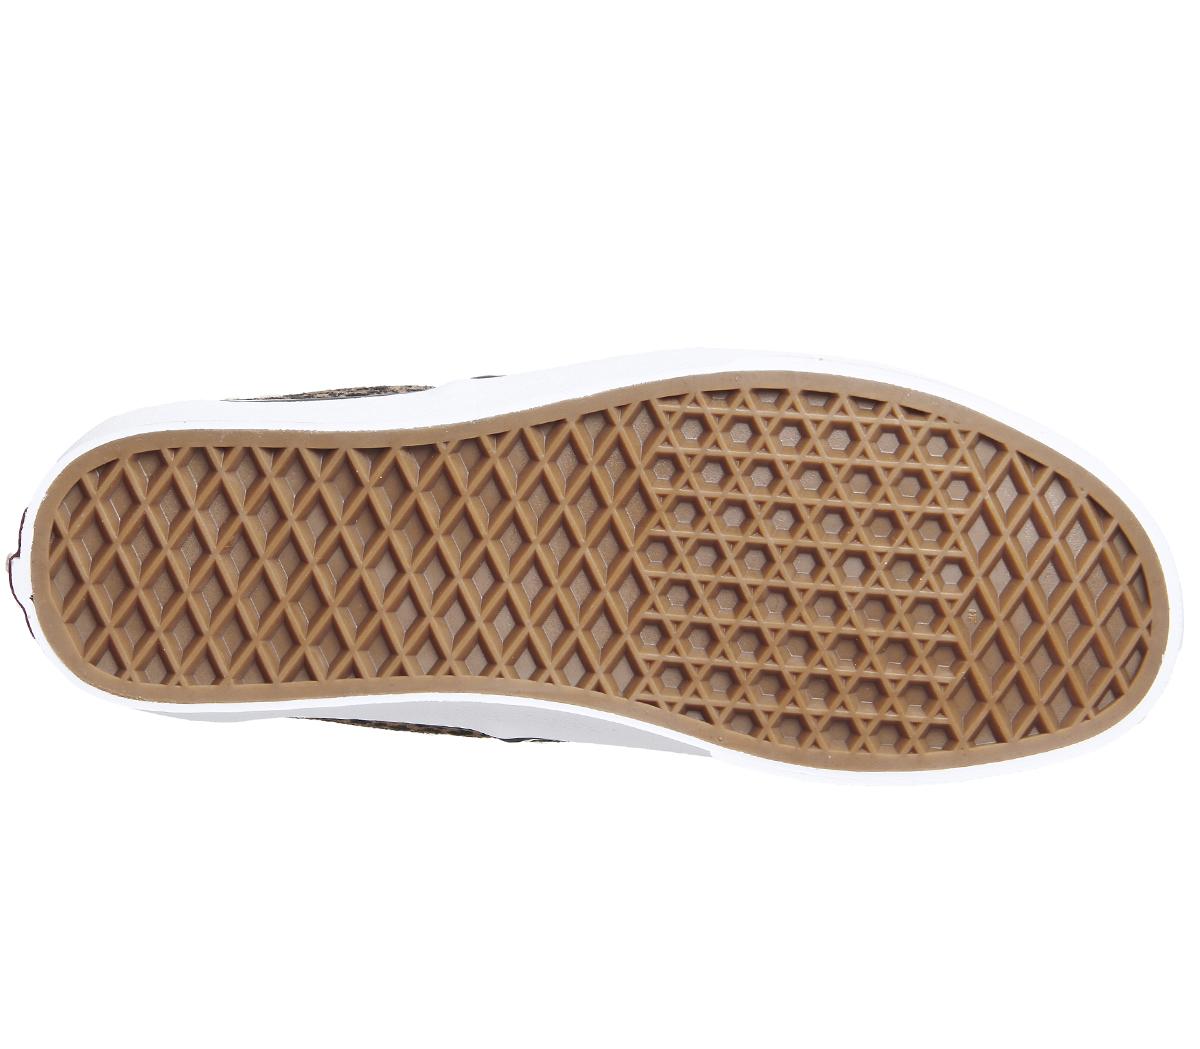 Damenschuhe Vans Era 59 Trainers MINI LEOPARD Trainers Schuhes